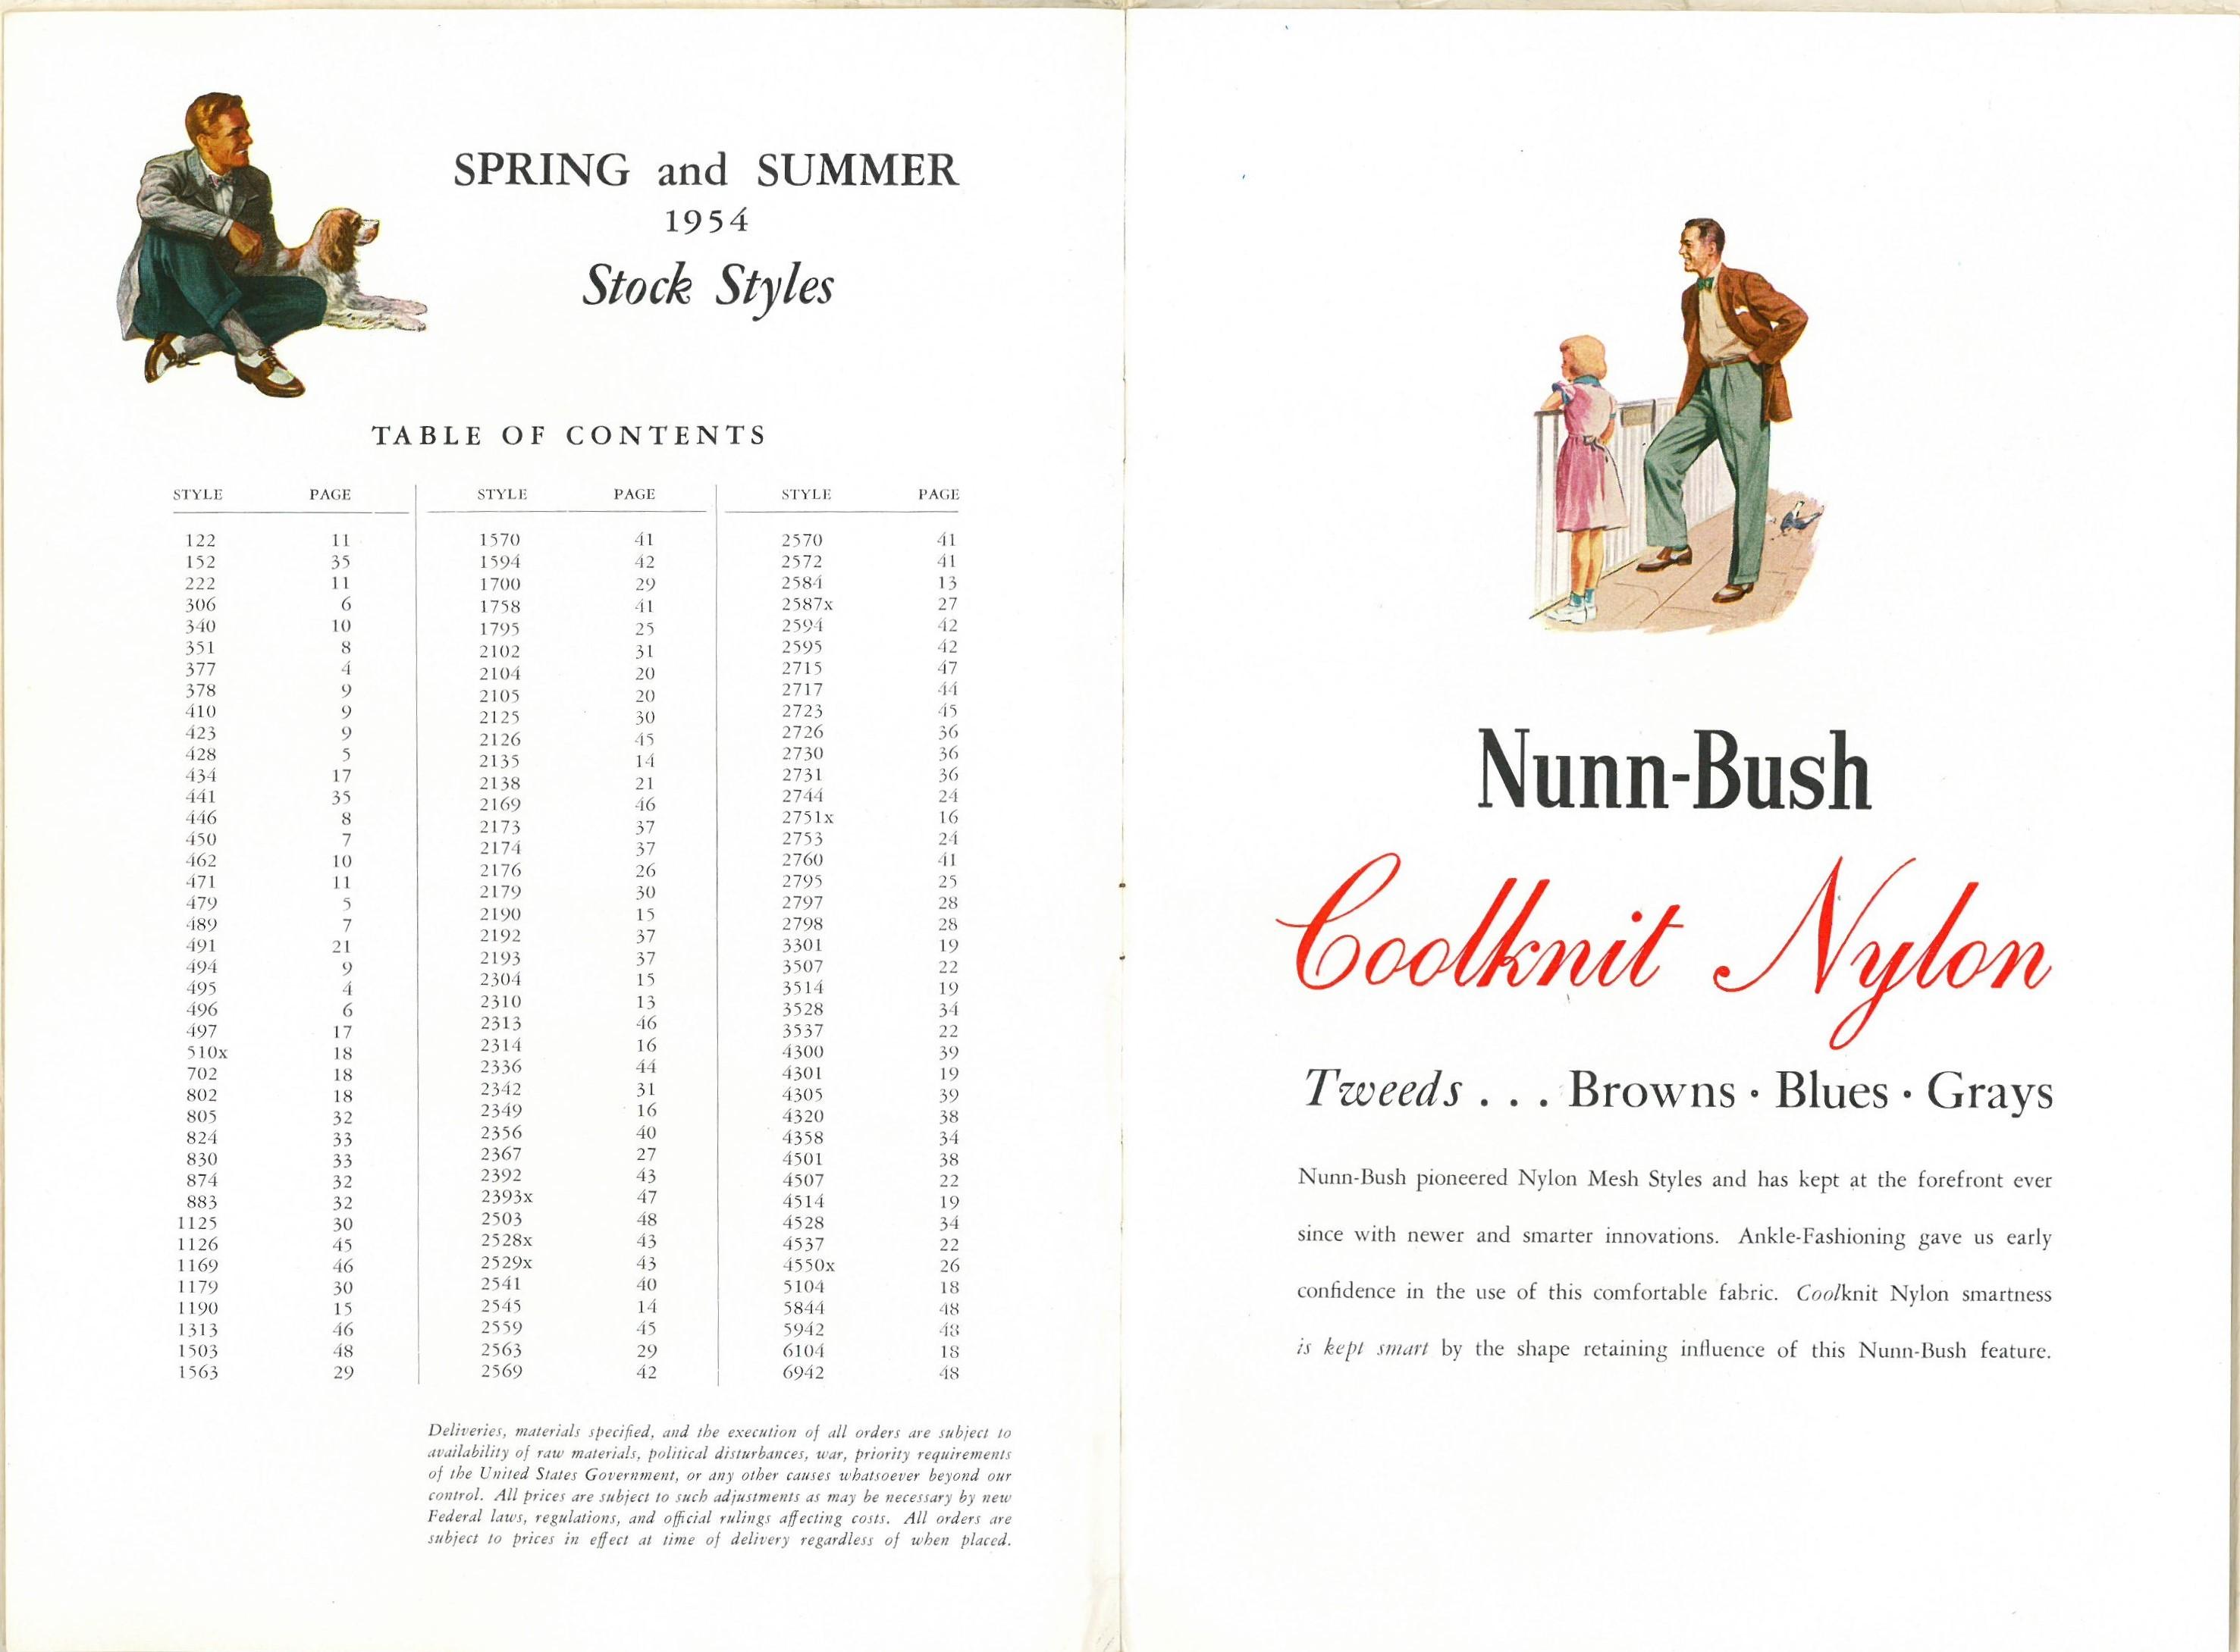 Vintage Nunn-Bush